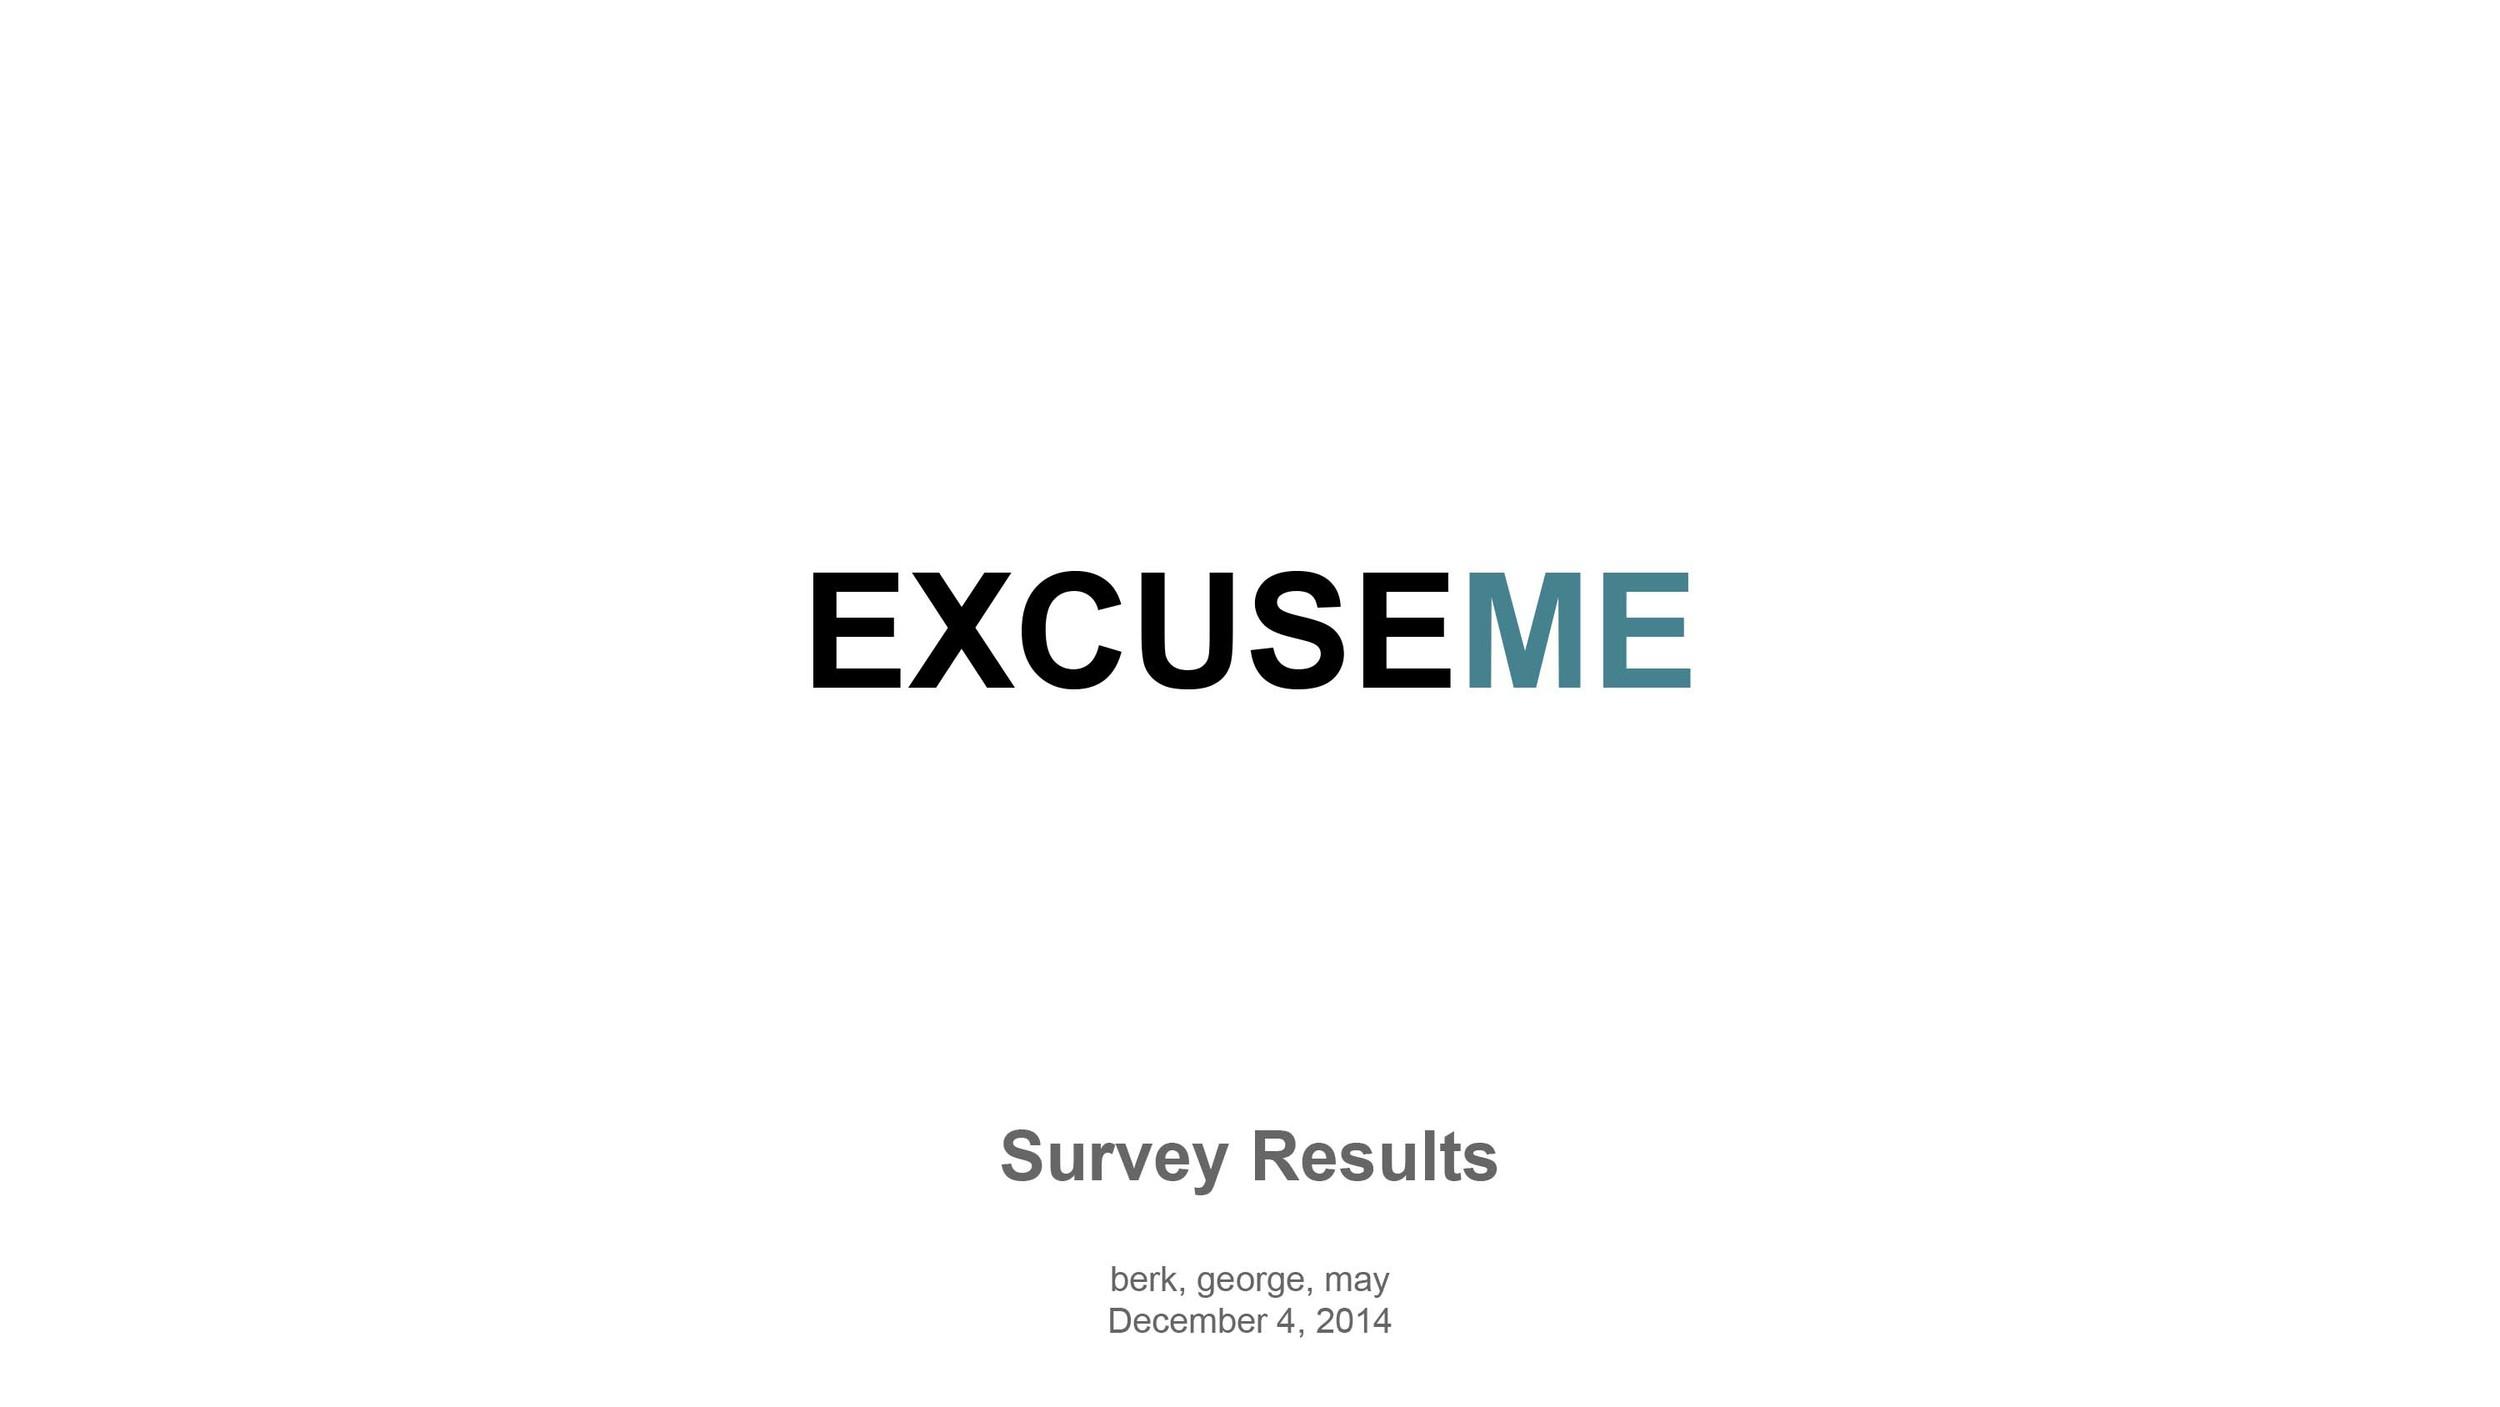 WK_13ExcuseMe_Survey Findings_1.jpg